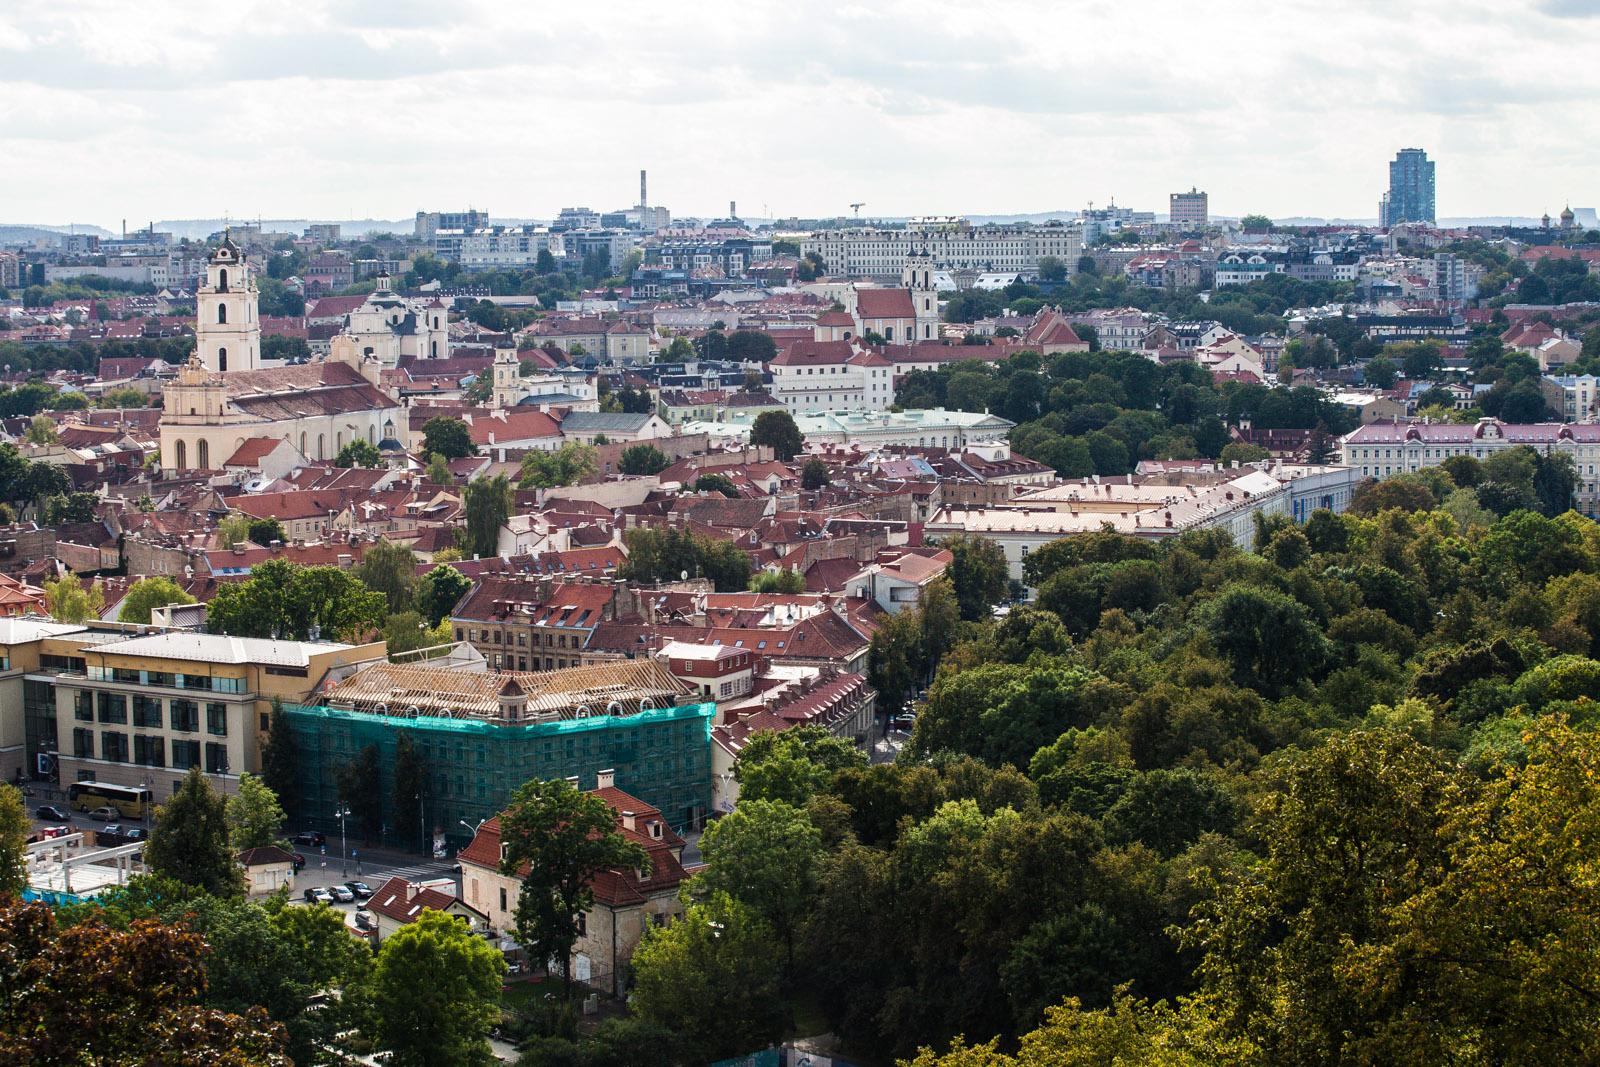 Vista panorâmica de Vilnius, a arborizada e histórica capital da Lituânia, durante o verão de 2016